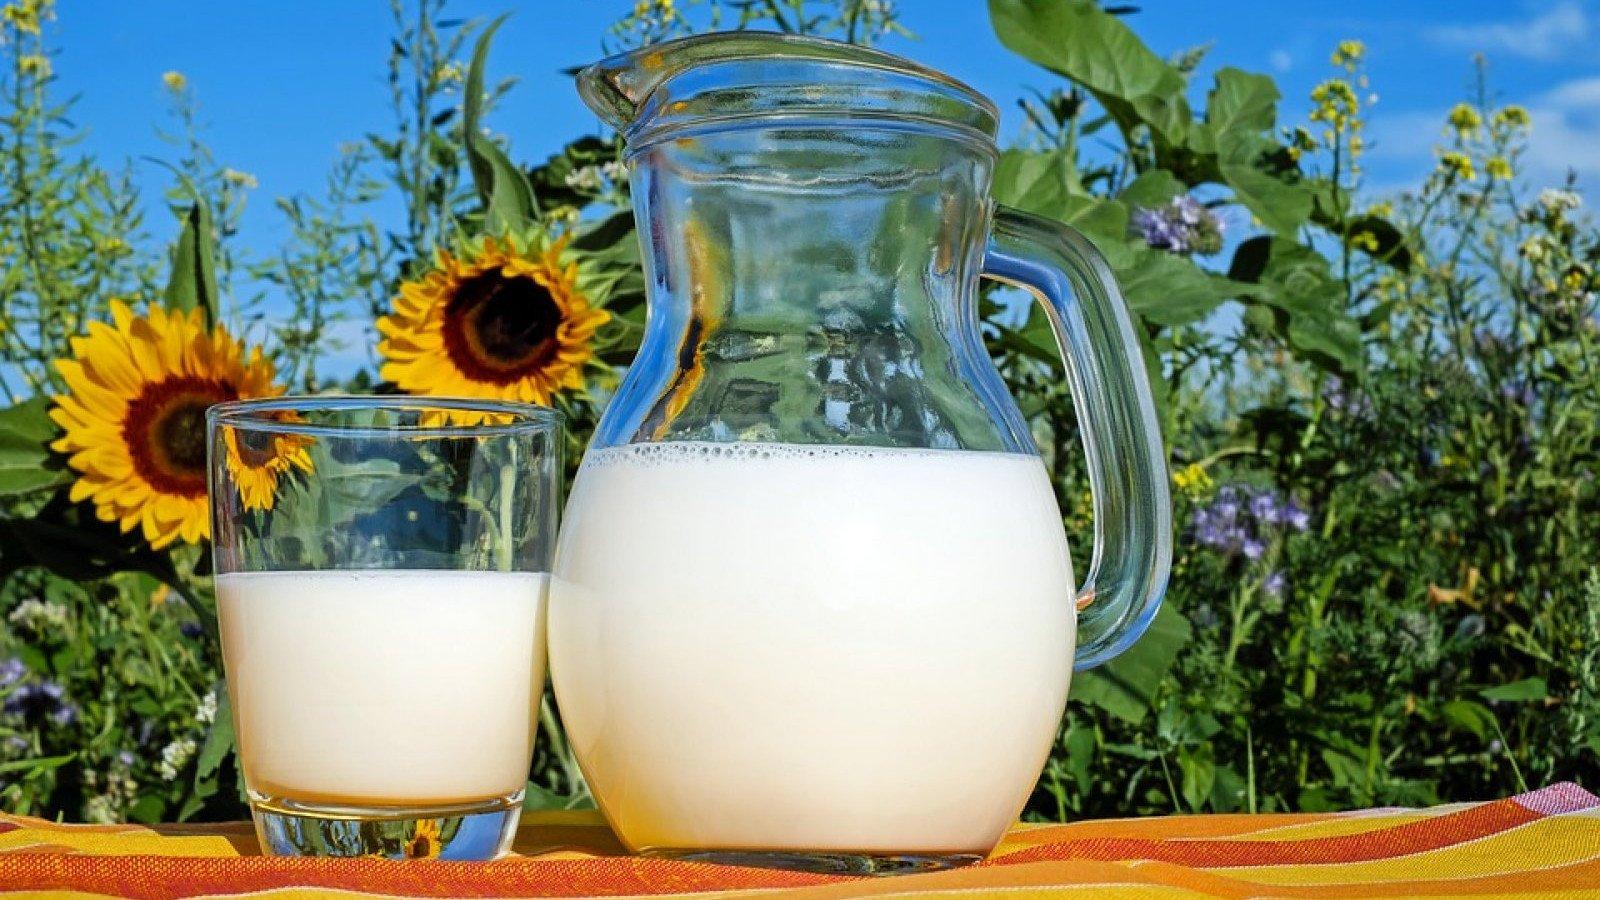 La leche contiene ácidos naturales que estimulan la producción de colágeno en nuestra piel .